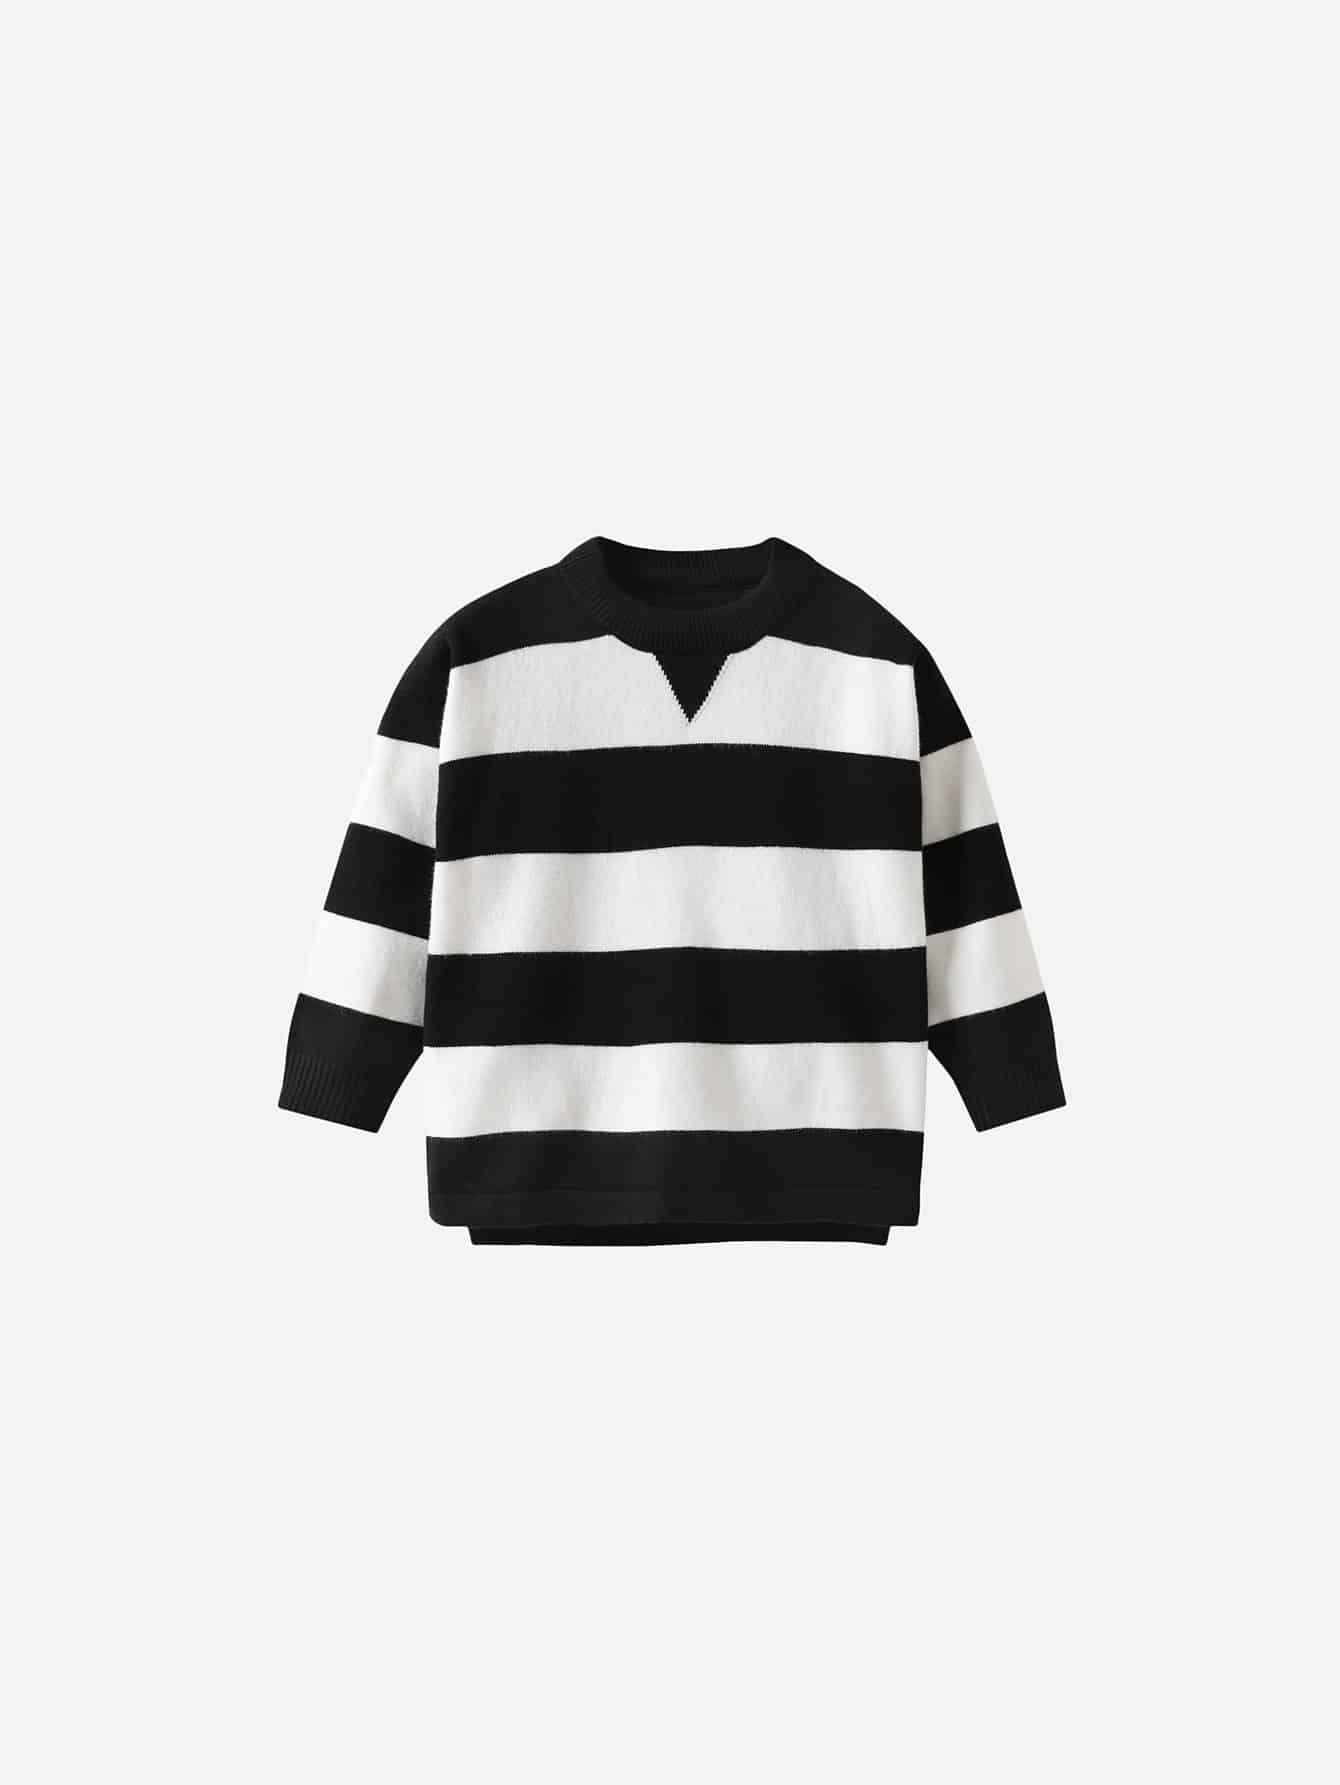 Купить Полосатый свитер с вырезом для маленьких мальчиков, null, SheIn